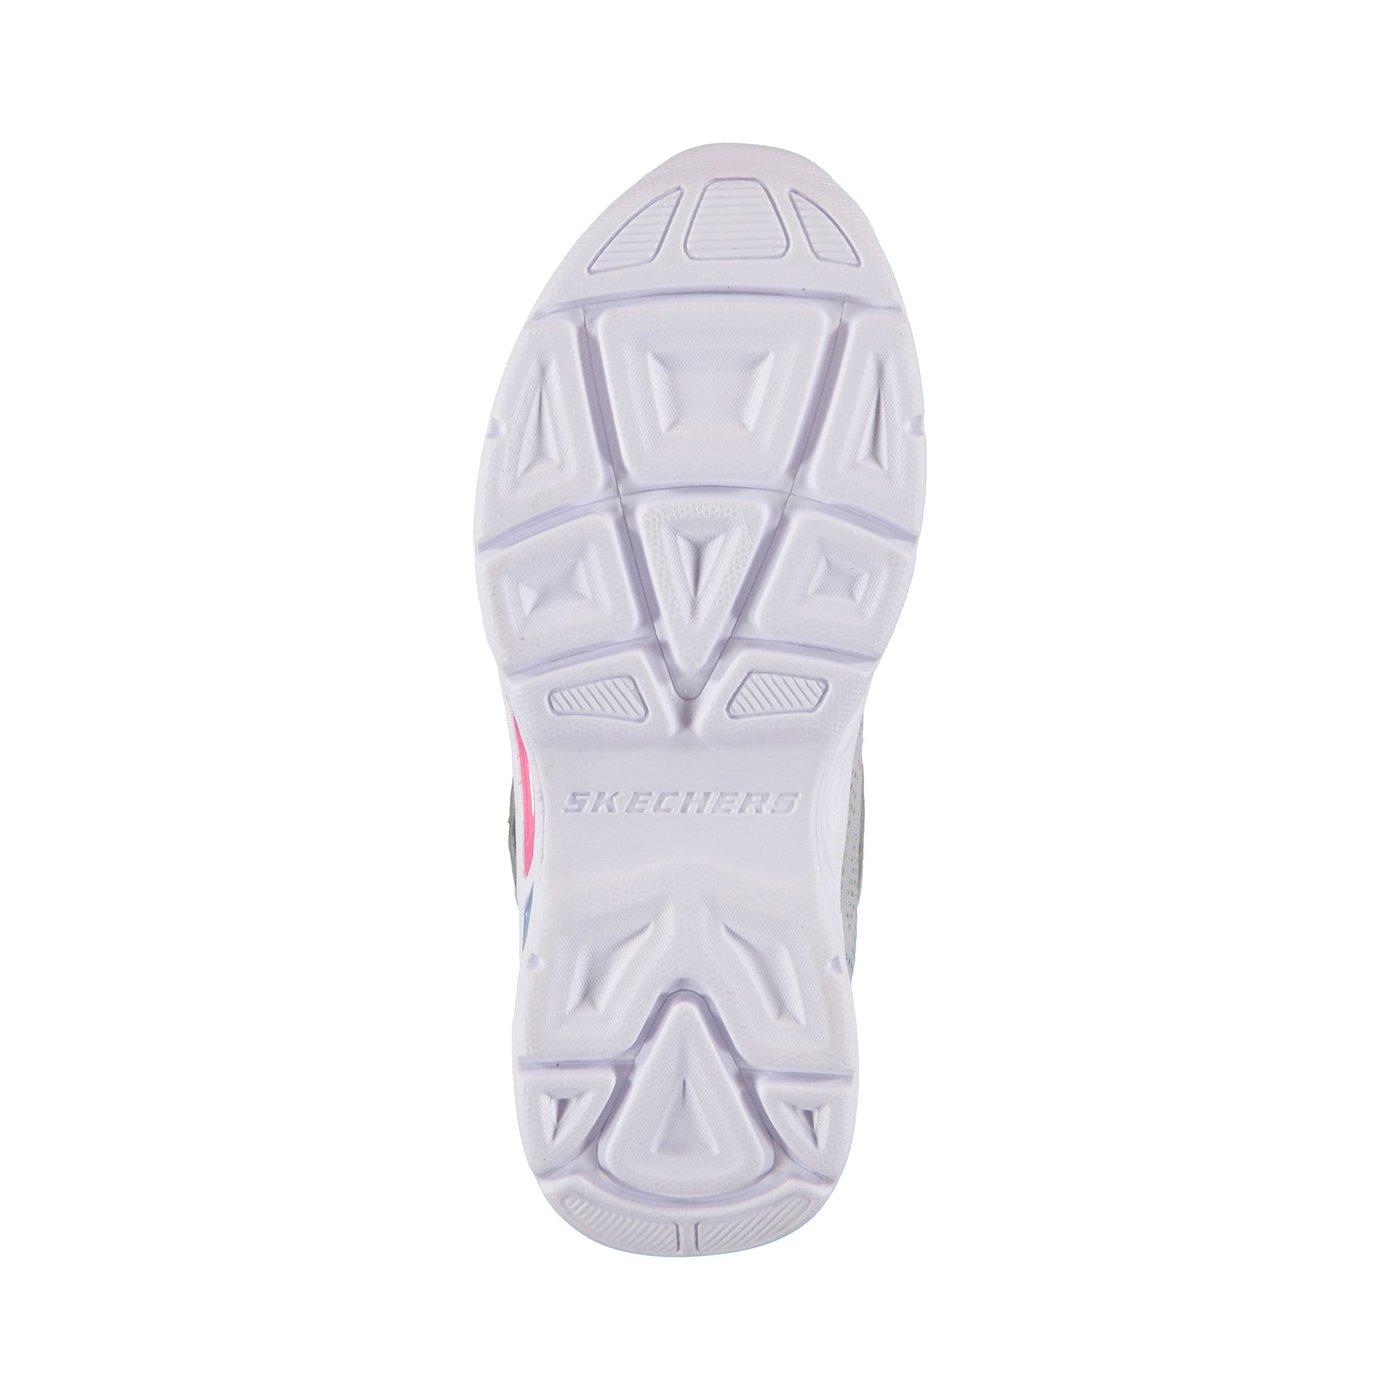 Skechers Litebeams - Gleam N' Dream Kız Çocuk Gri Spor Ayakkabı